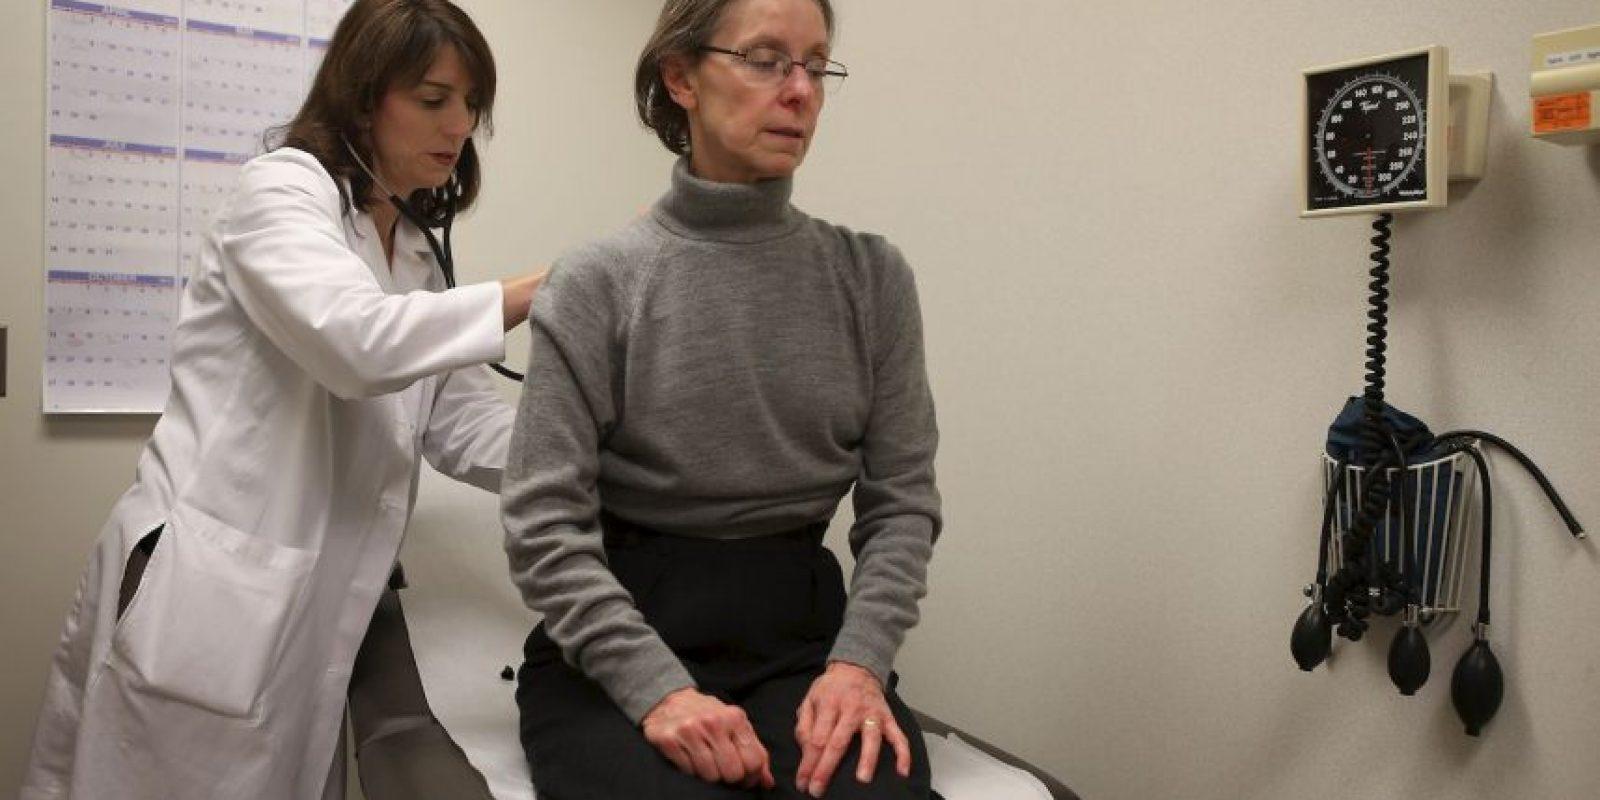 Ésta consistió en trasplantarles riñones fabricados, los cuales si bien no ofrecieron un rendimiento 100% eficiente, representan un gran avance en términos de medicina regenerativa. Foto:Getty Images